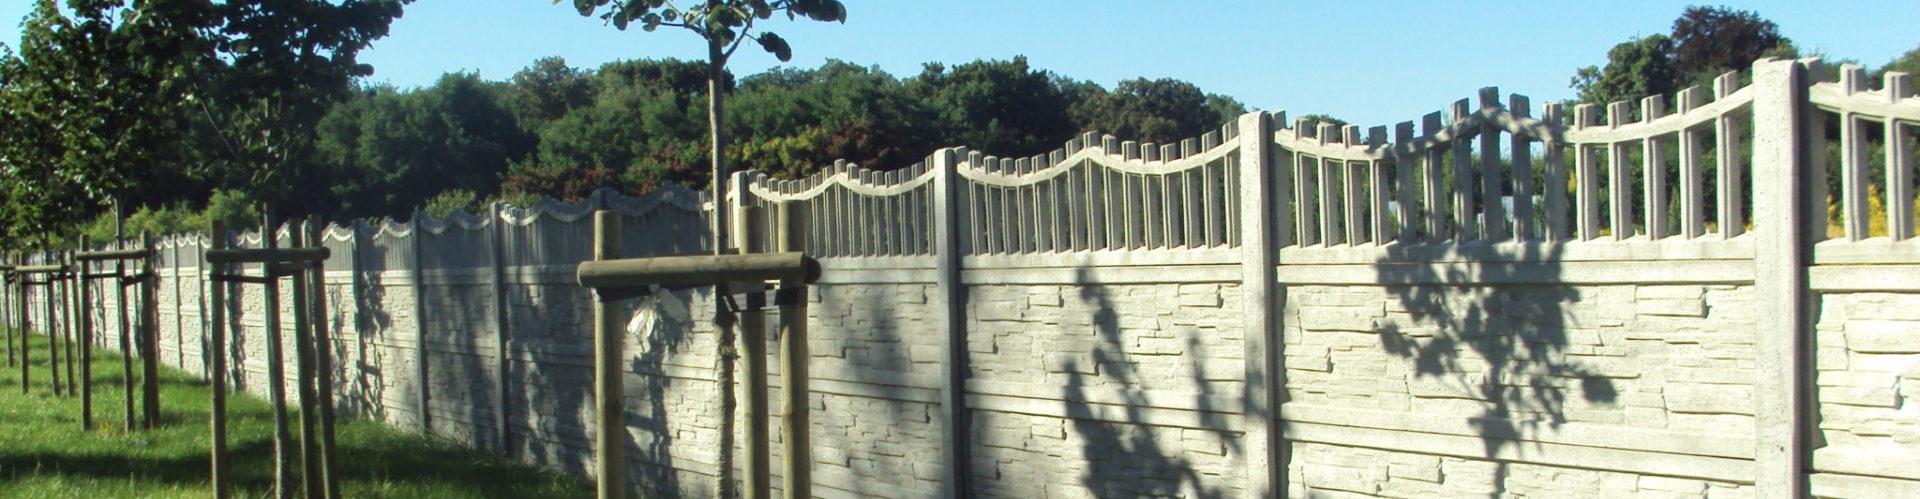 Betonzäune betonzäune und betonsockel top fence hurtownia ogrodzeniowa